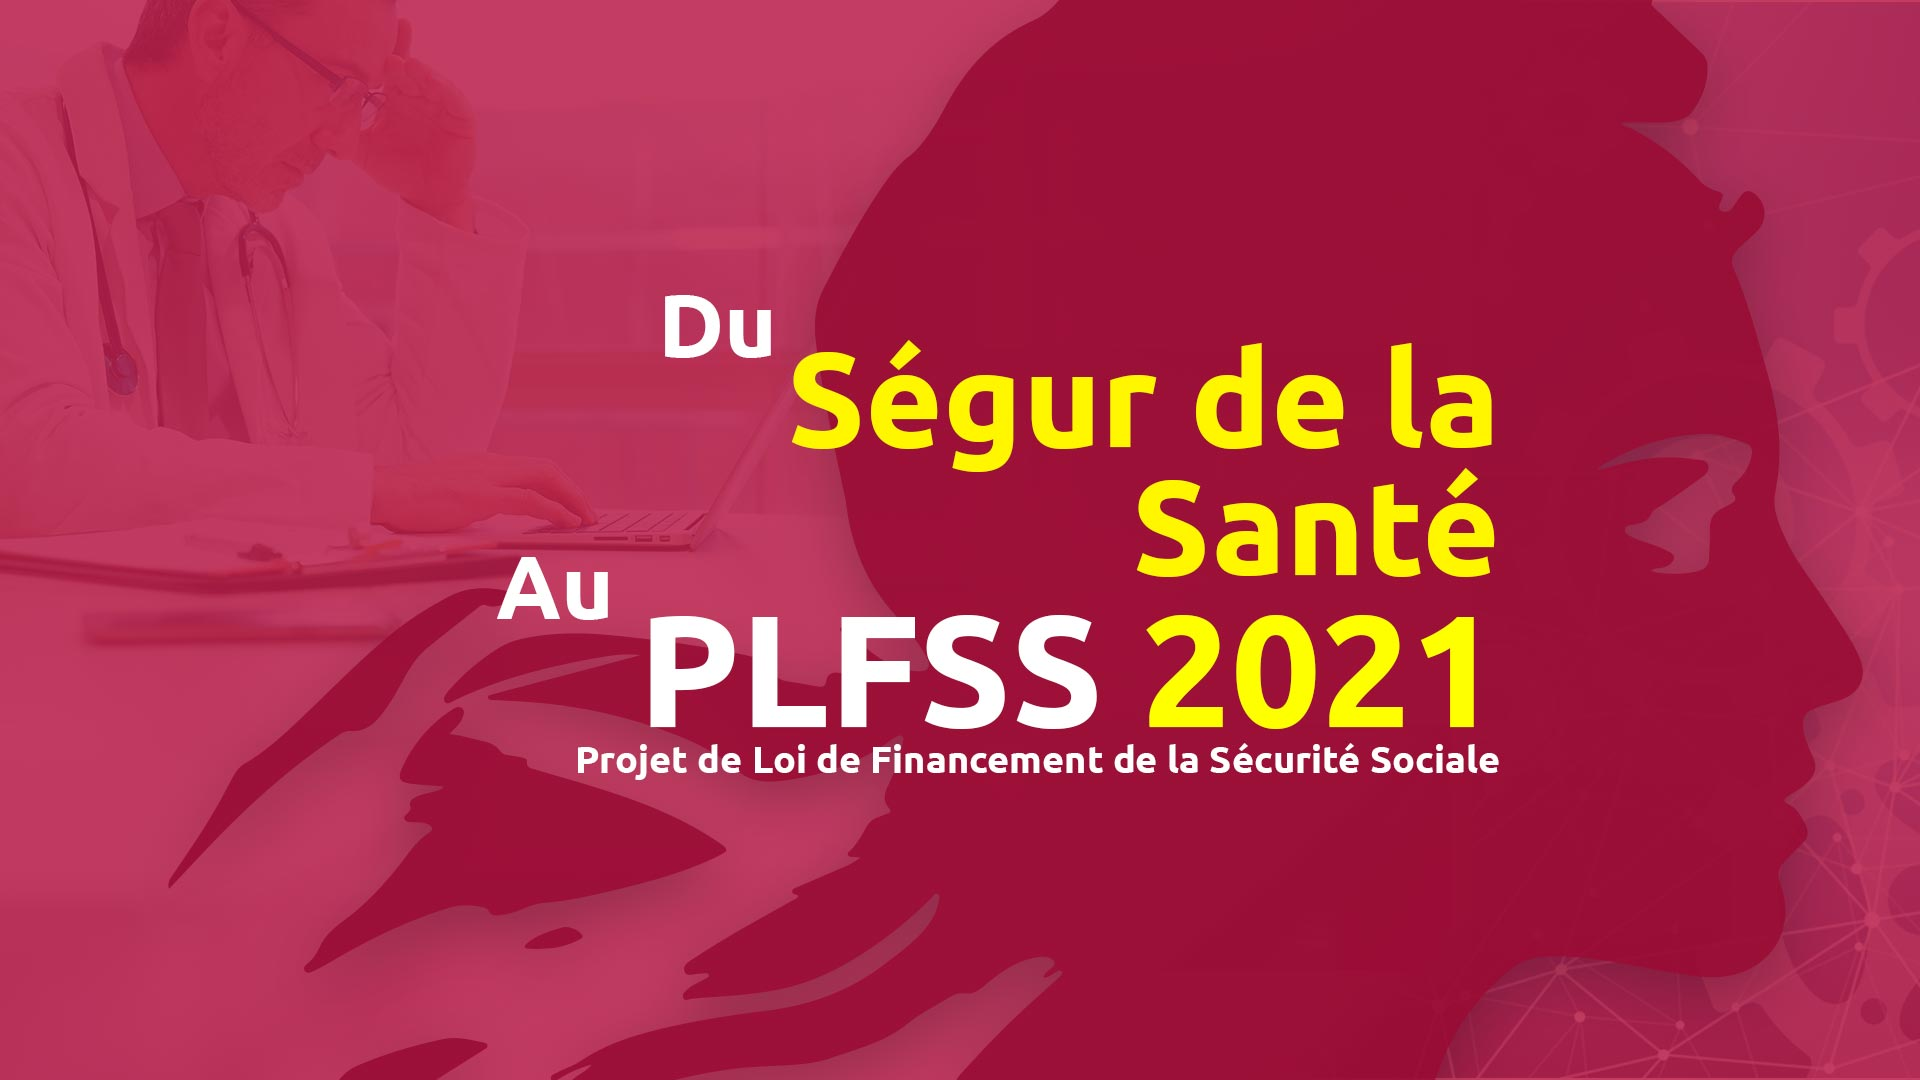 PLFSS 2021 - Ségur de la santé